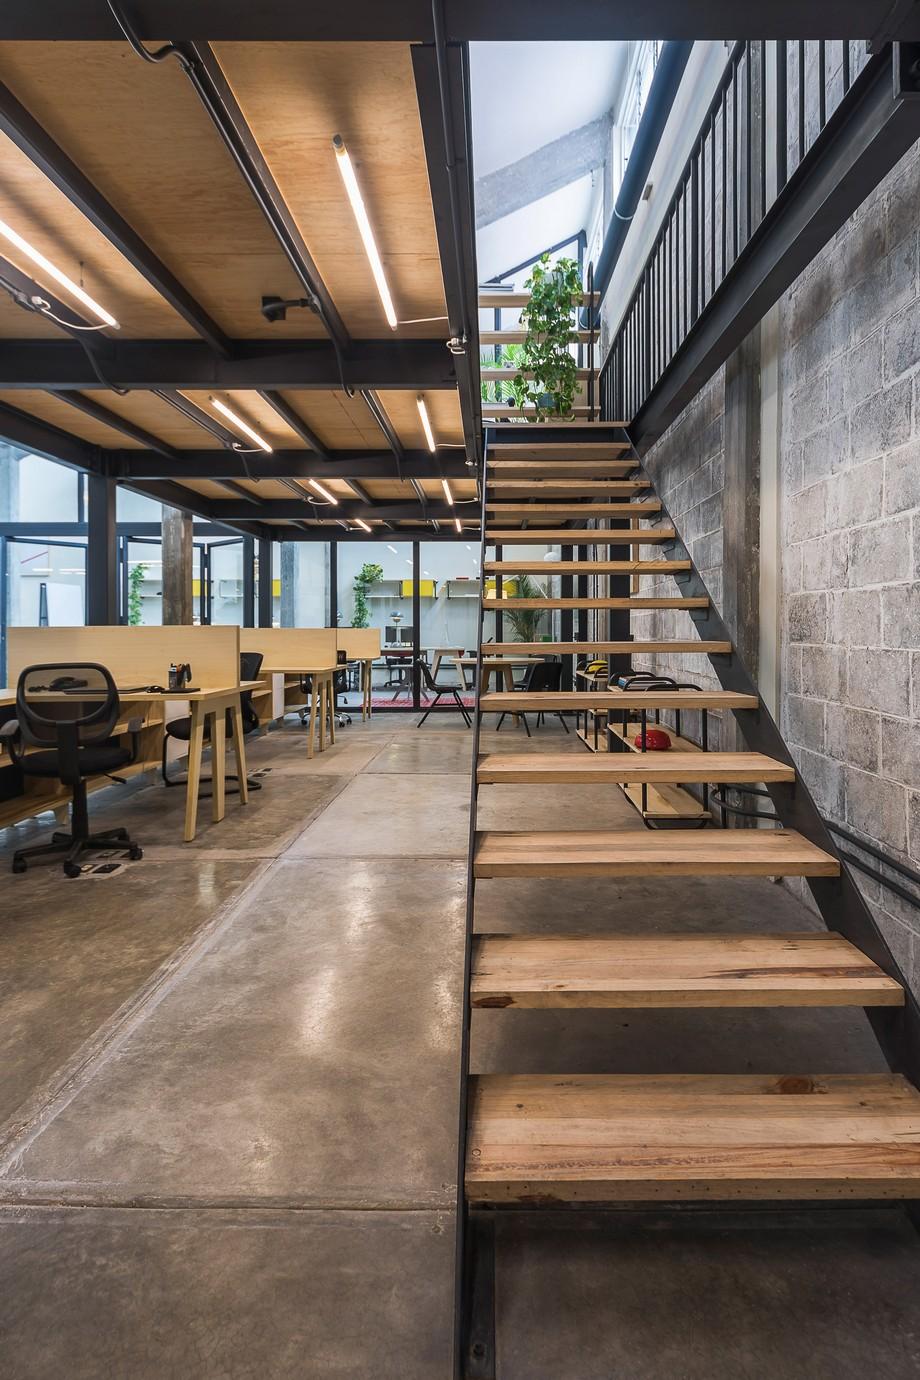 Thiết kế không gian làm việc chung được tái chế từ nhà máy cũ